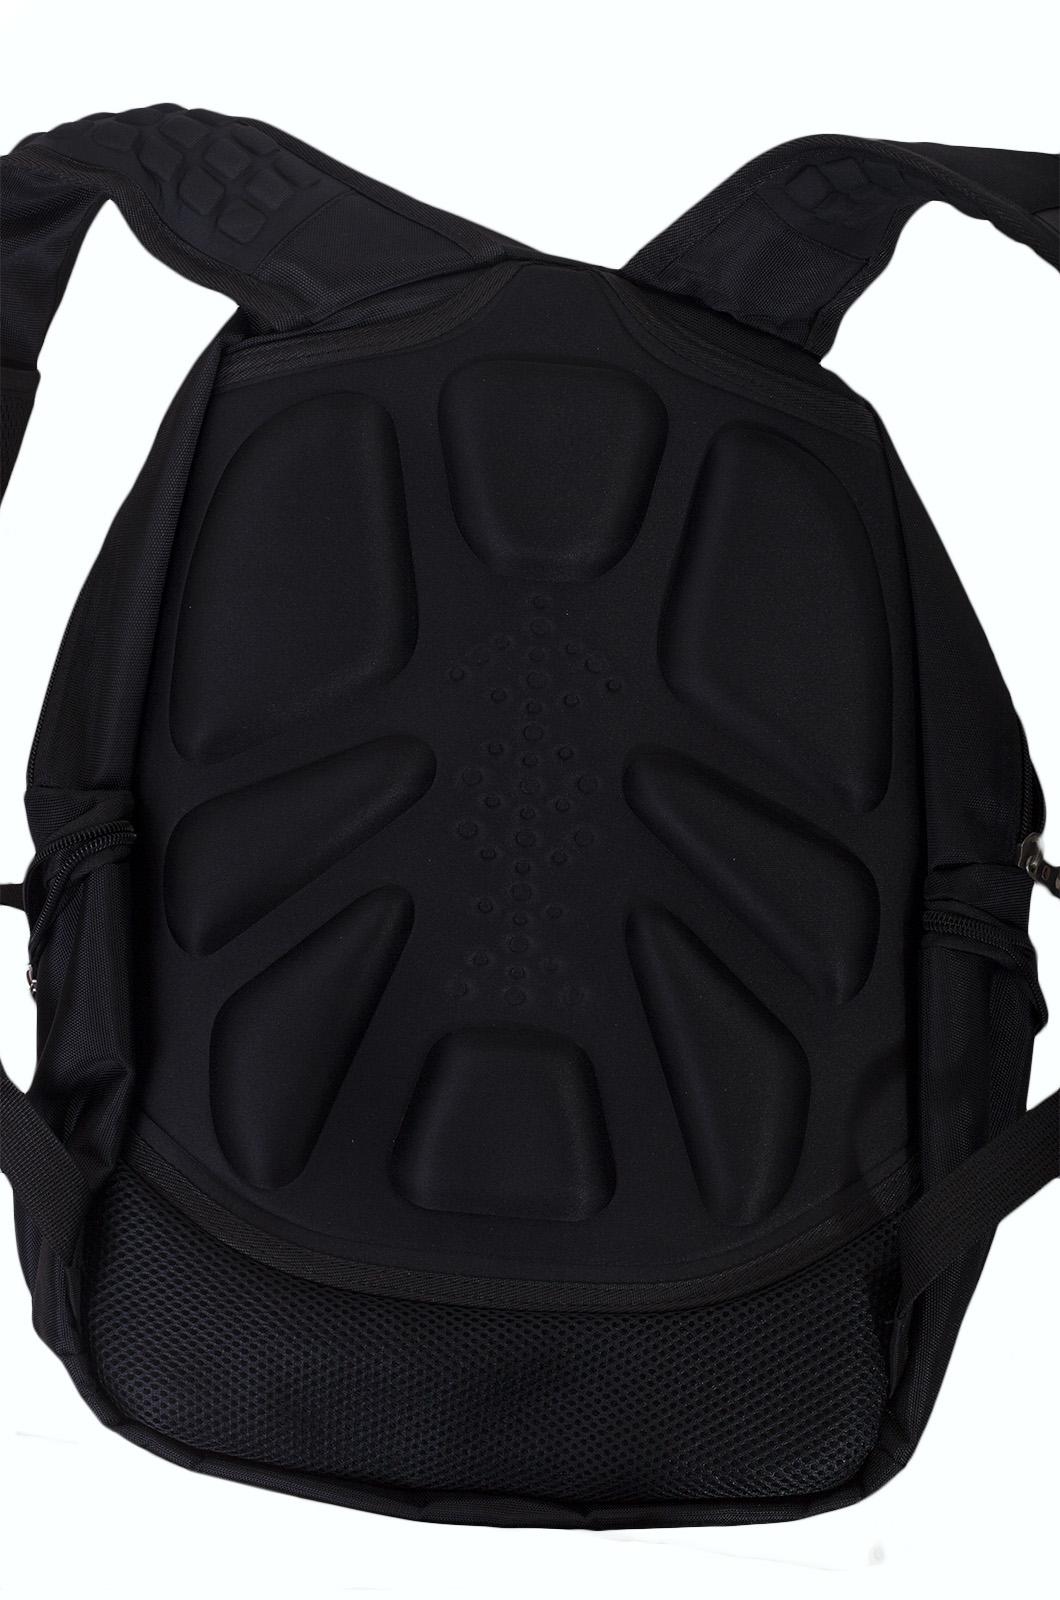 Зачетный рюкзак с эмблемой Танковых войск купить выгодно